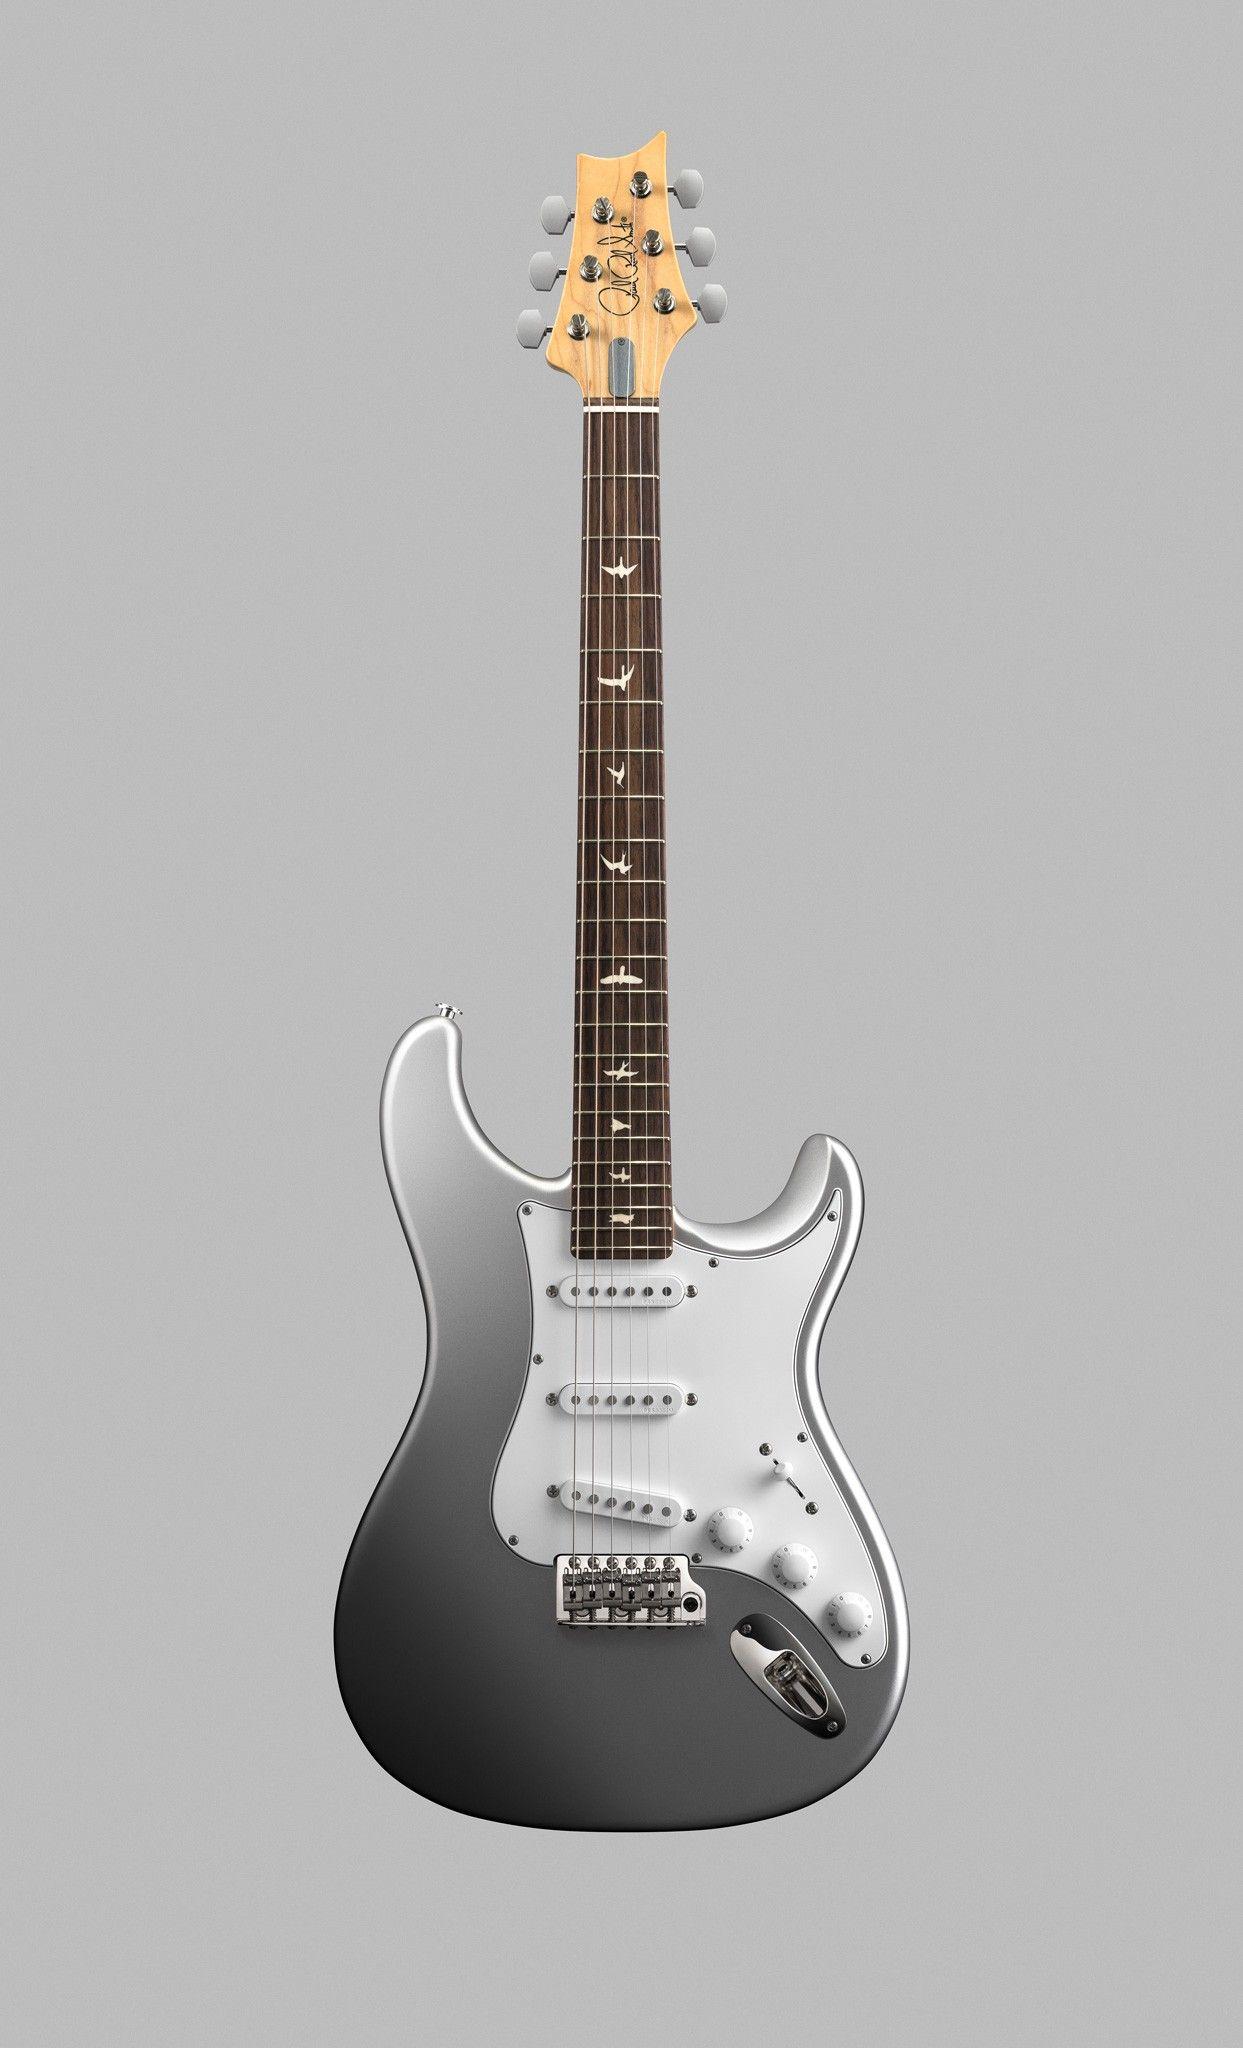 Image Result For Prs Silver Sky Guitars Guitar Fender